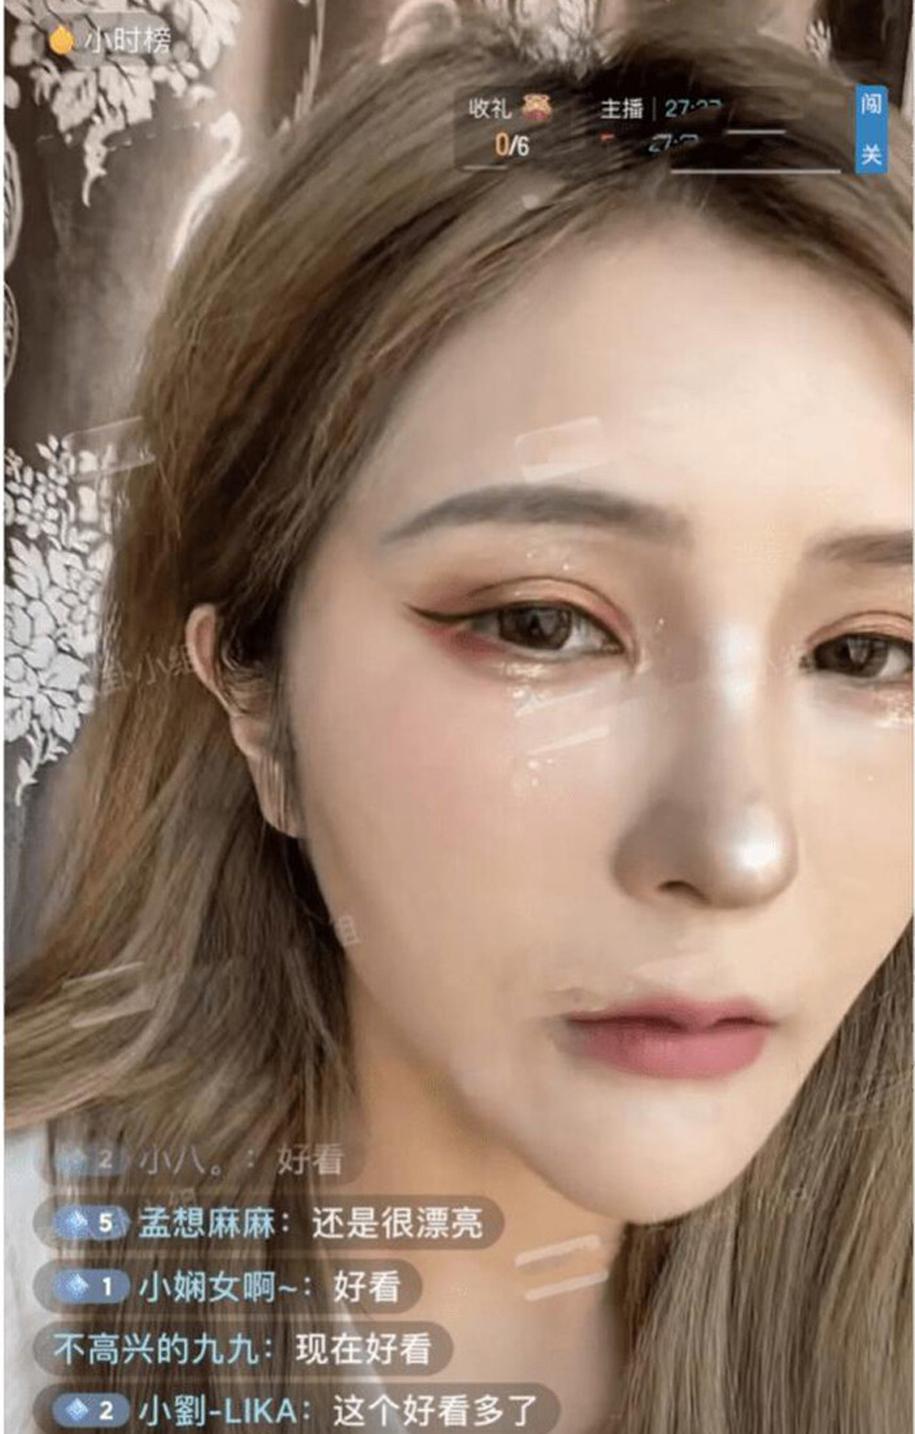 Phần má, mắt và môi của Tinh Tinh cũng sưng húp, trông kém sắc khi lỡ tay tắt fitler.